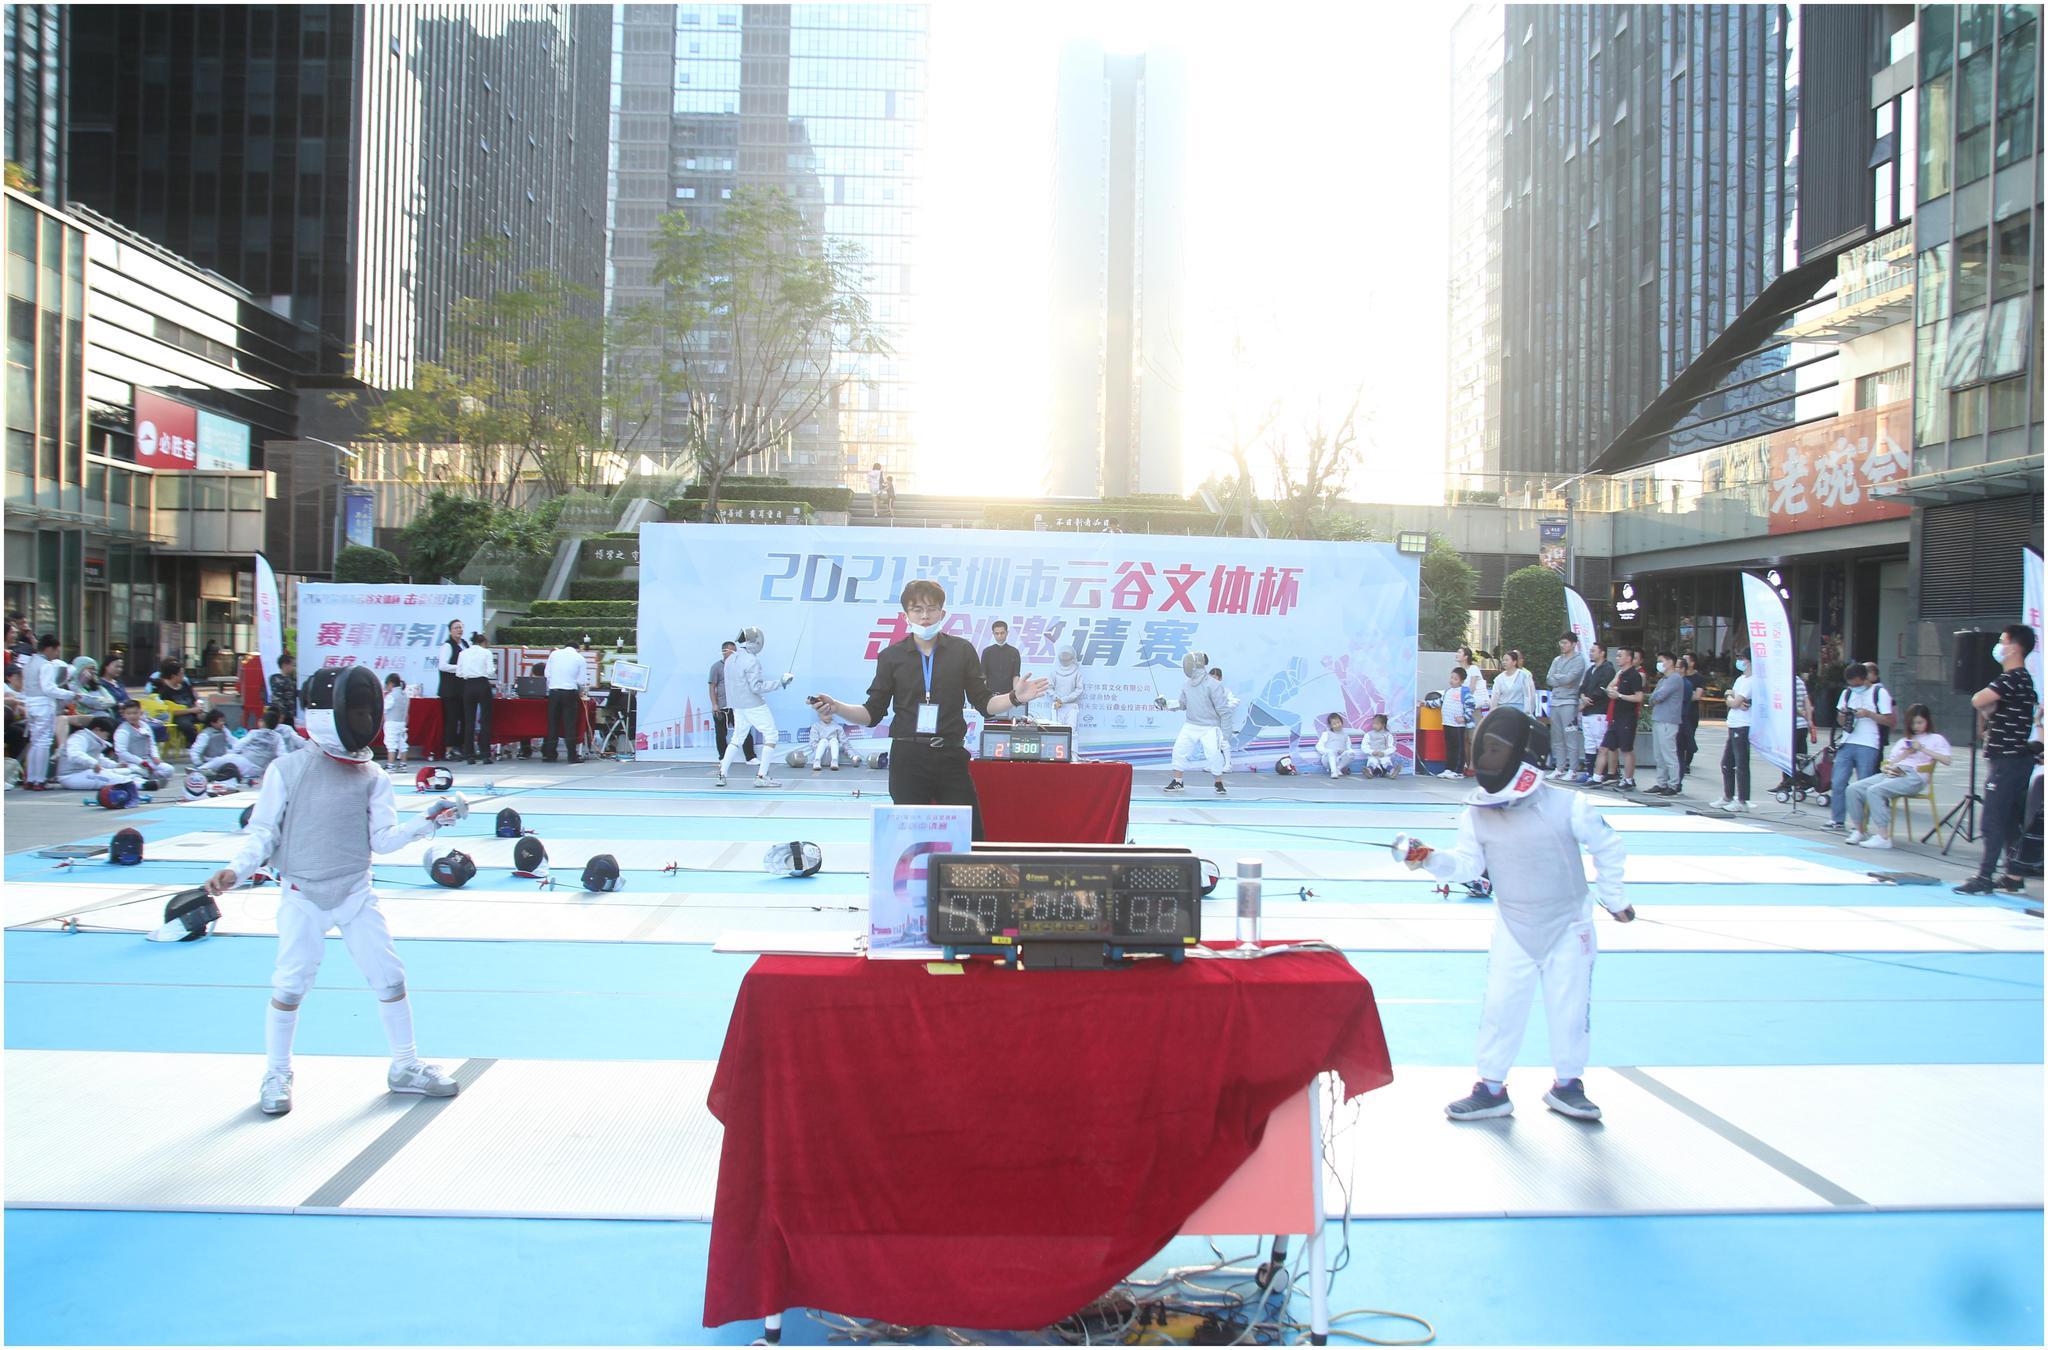 云谷文体杯击剑邀请赛圆满结束 共吸引100余人参赛